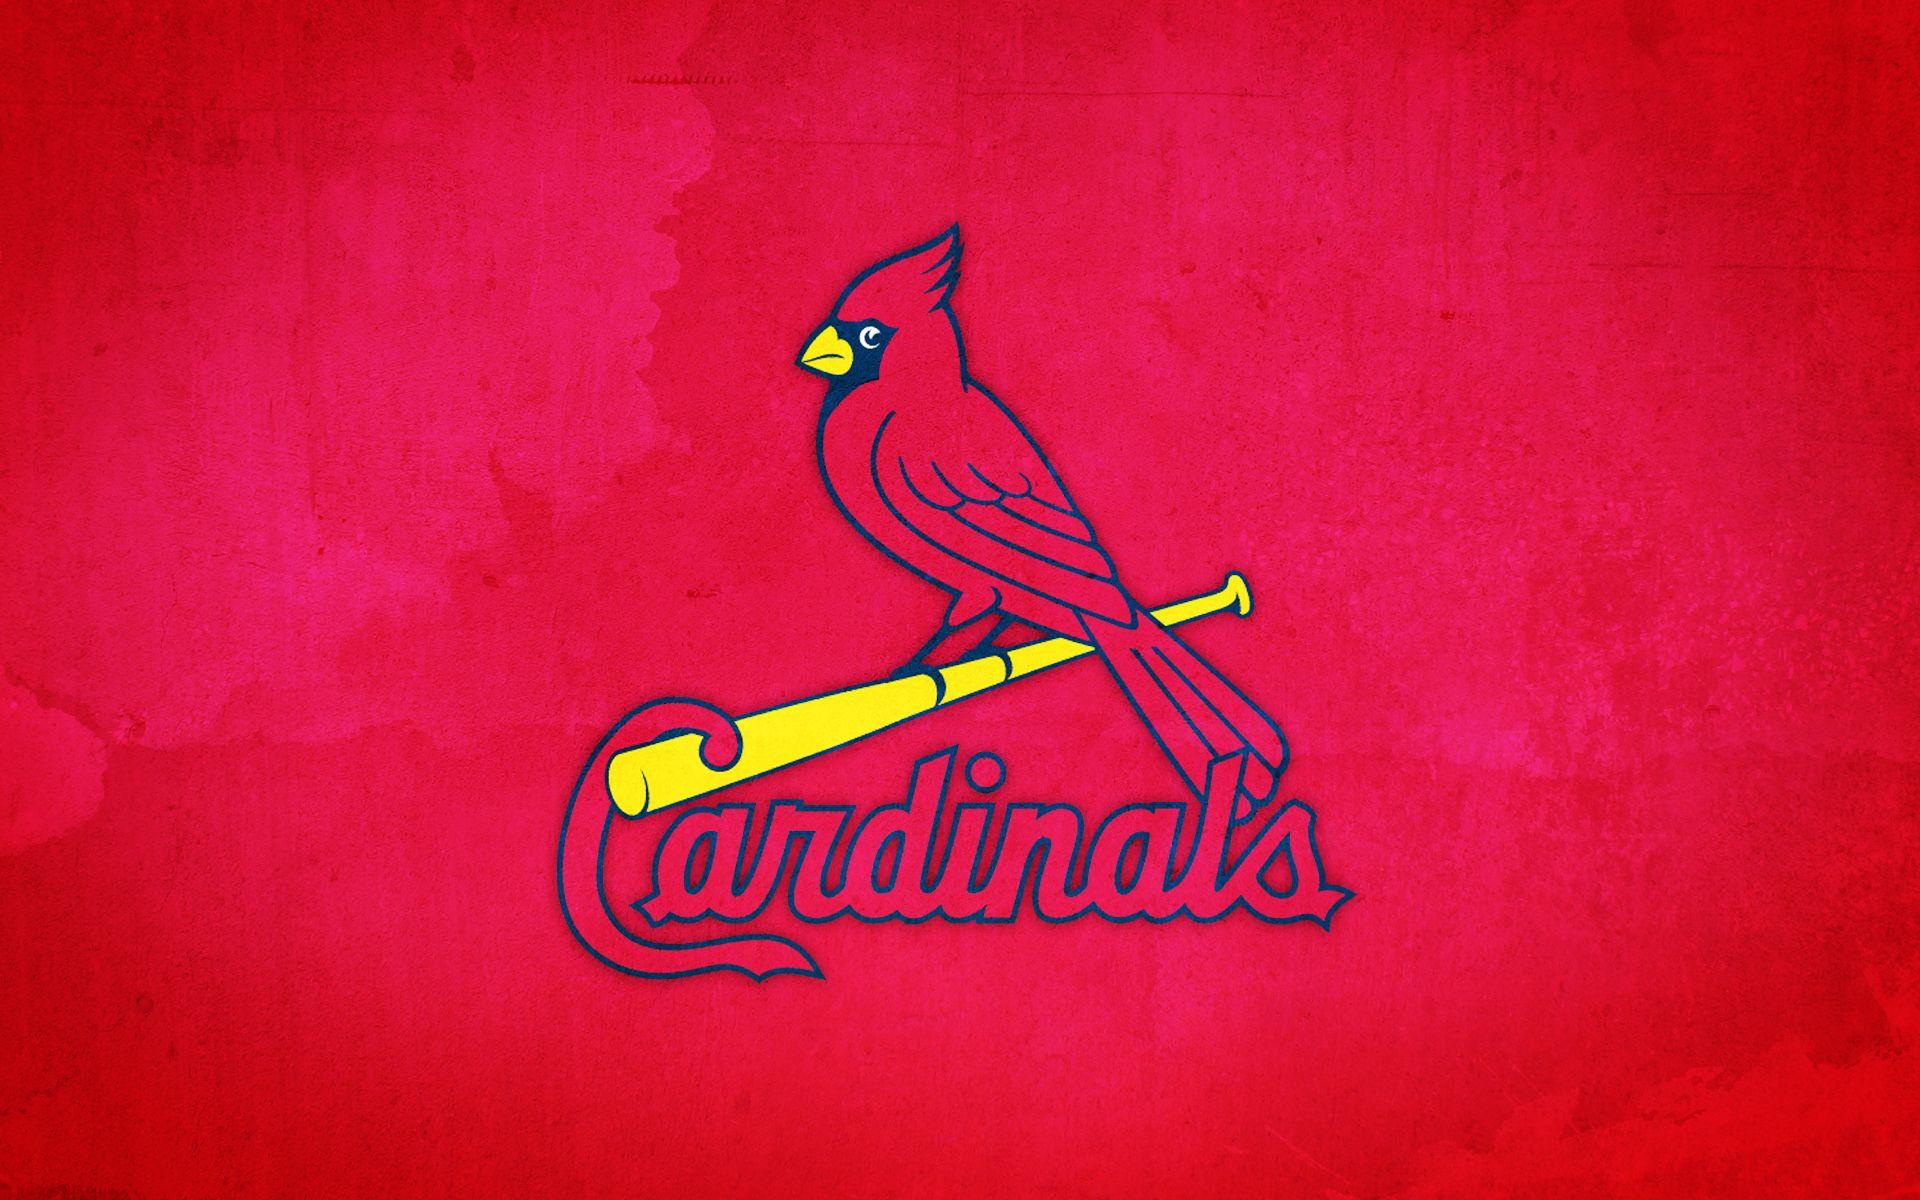 Favorite Nl Team Cardinals Wallpaper Baseball Wallpaper St Louis Cardinals